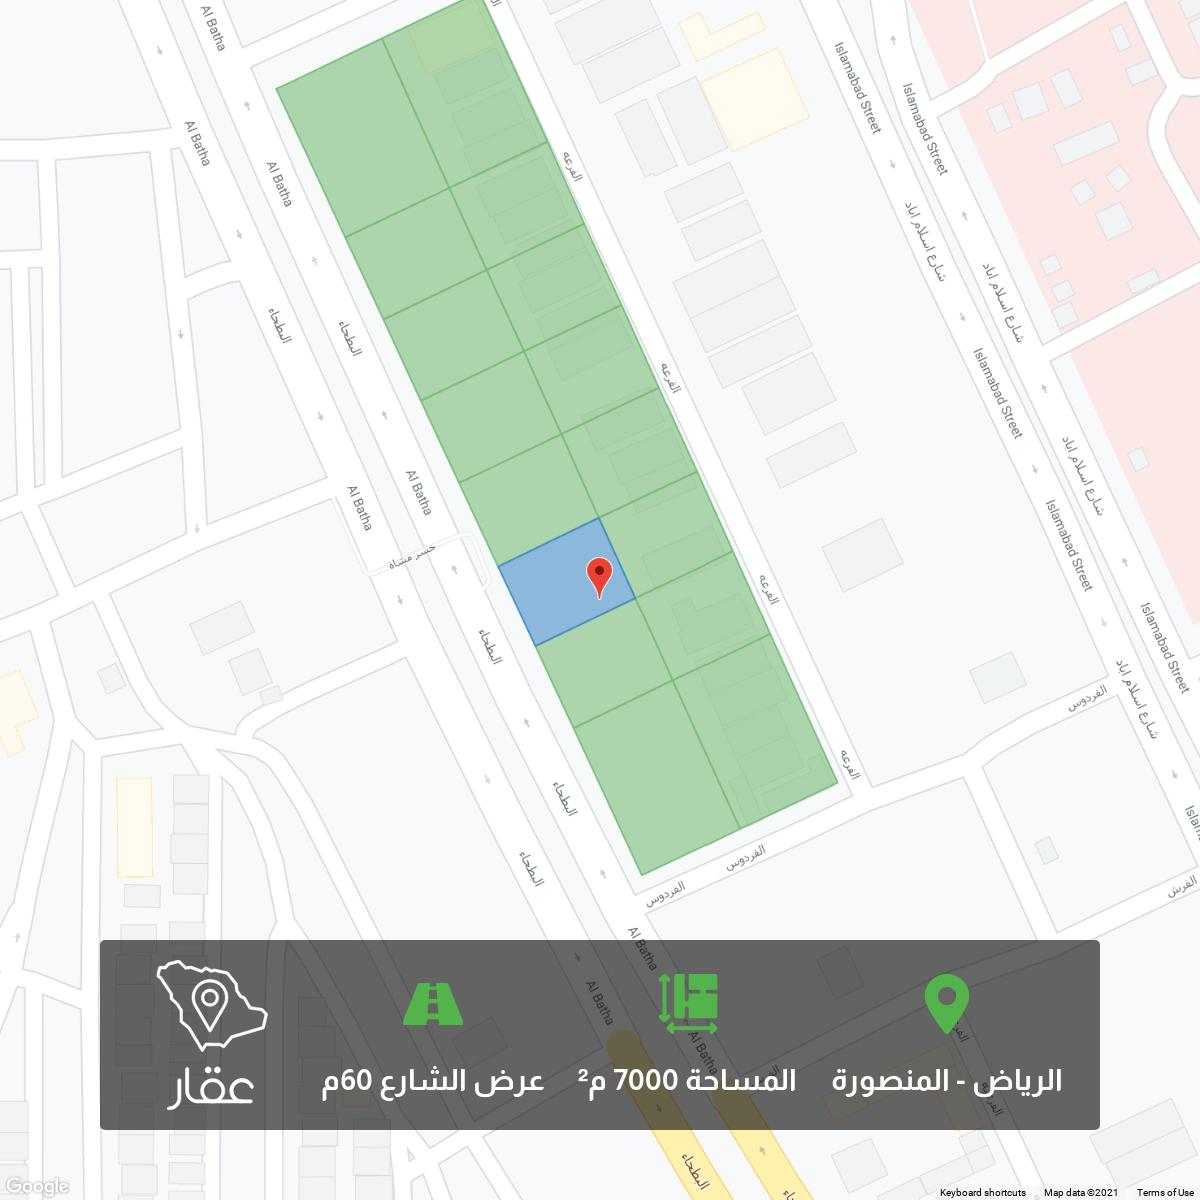 أرض للبيع في شارع البطحاء, المنصورة, الرياض